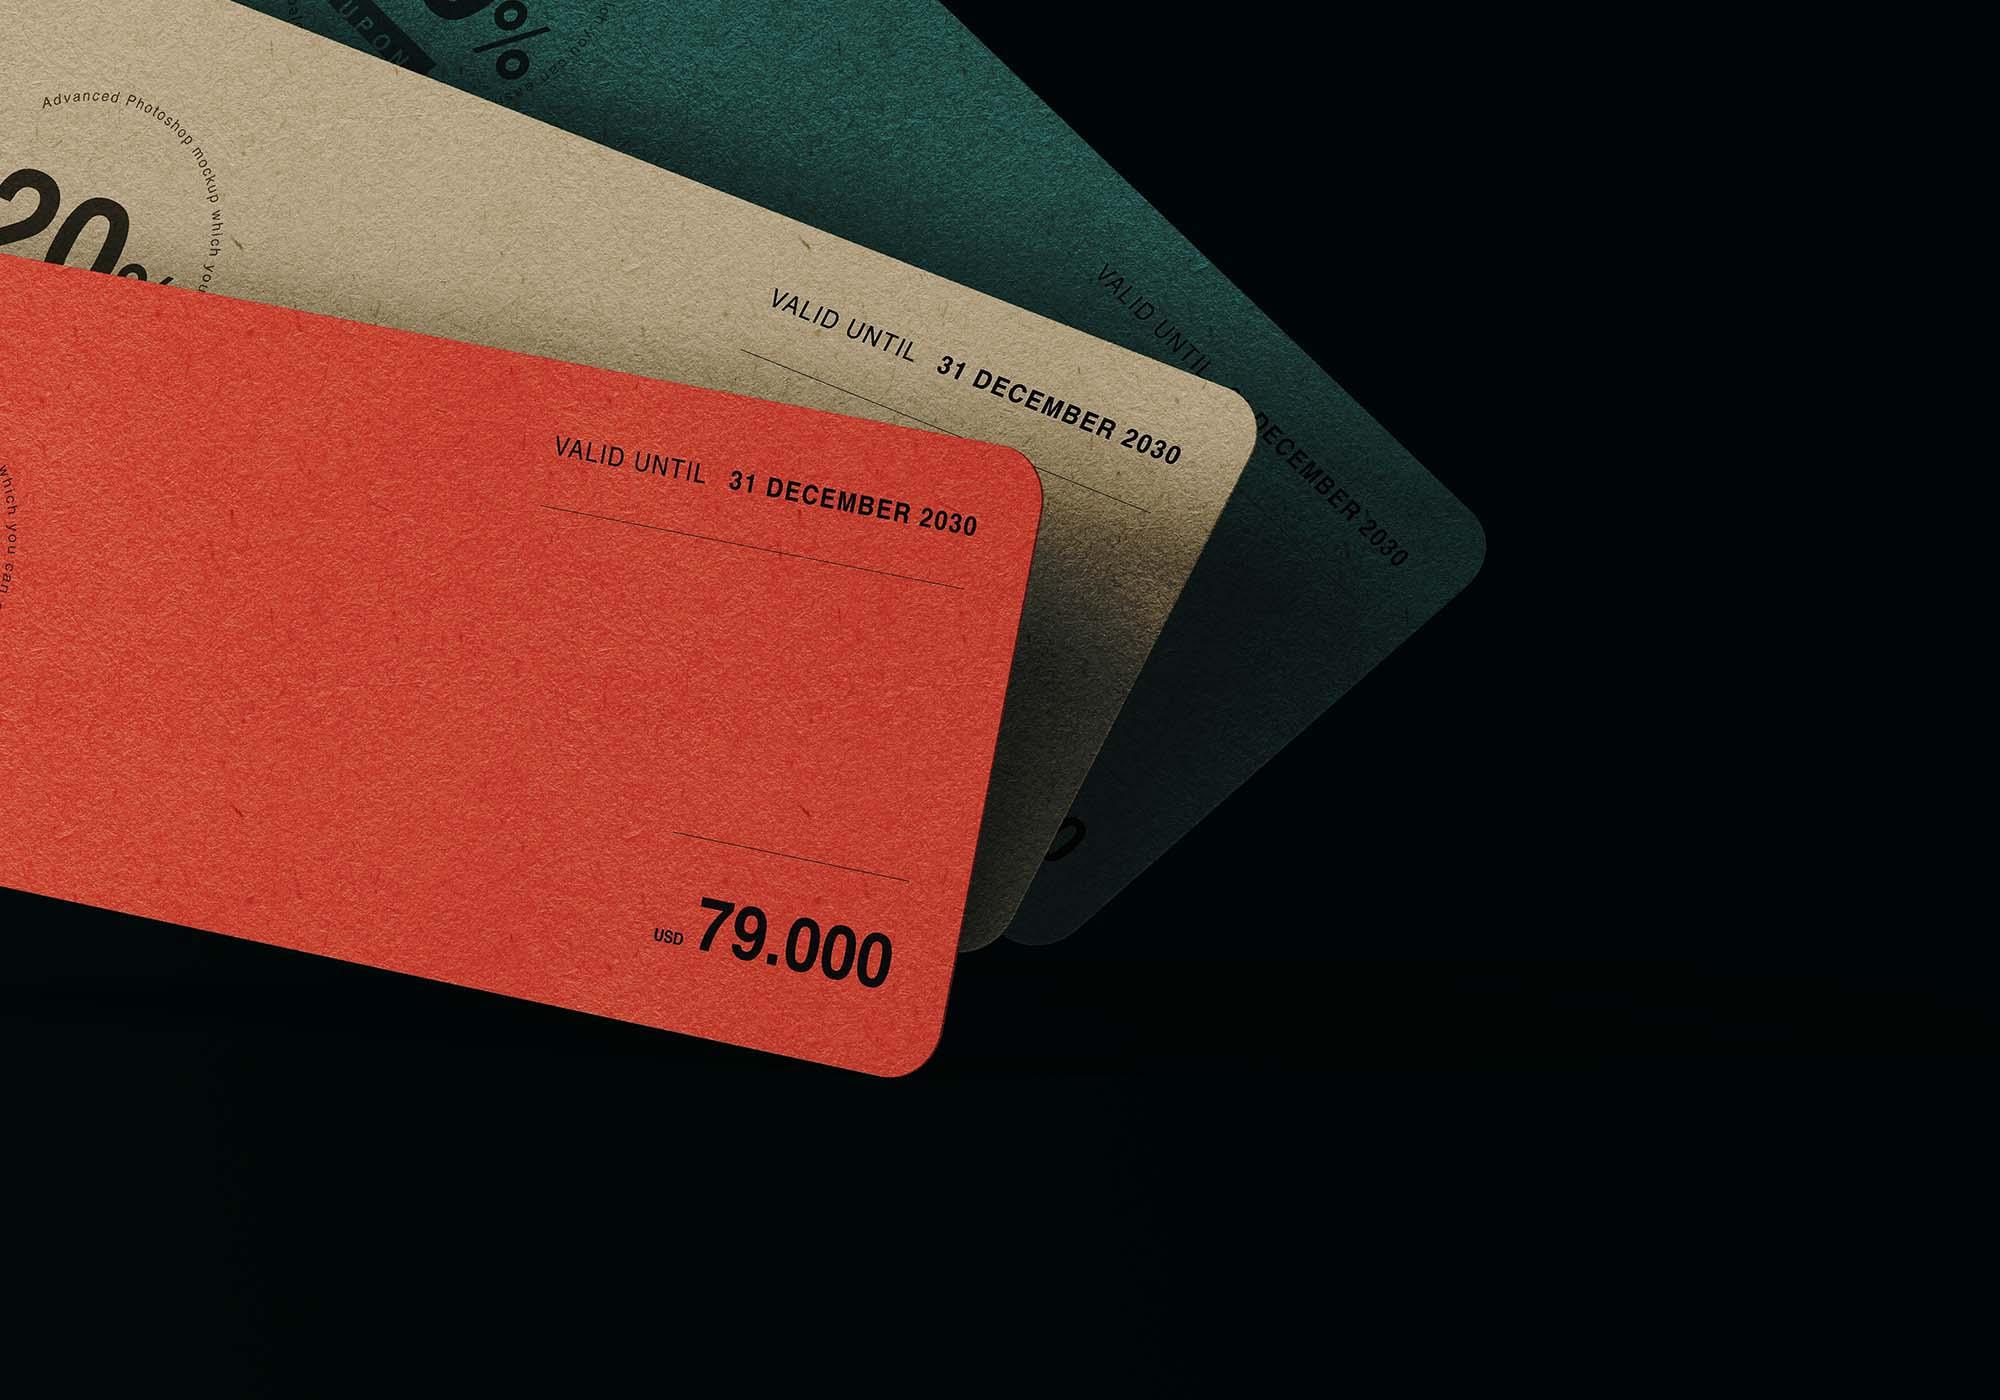 Coupon Card Mockup 2